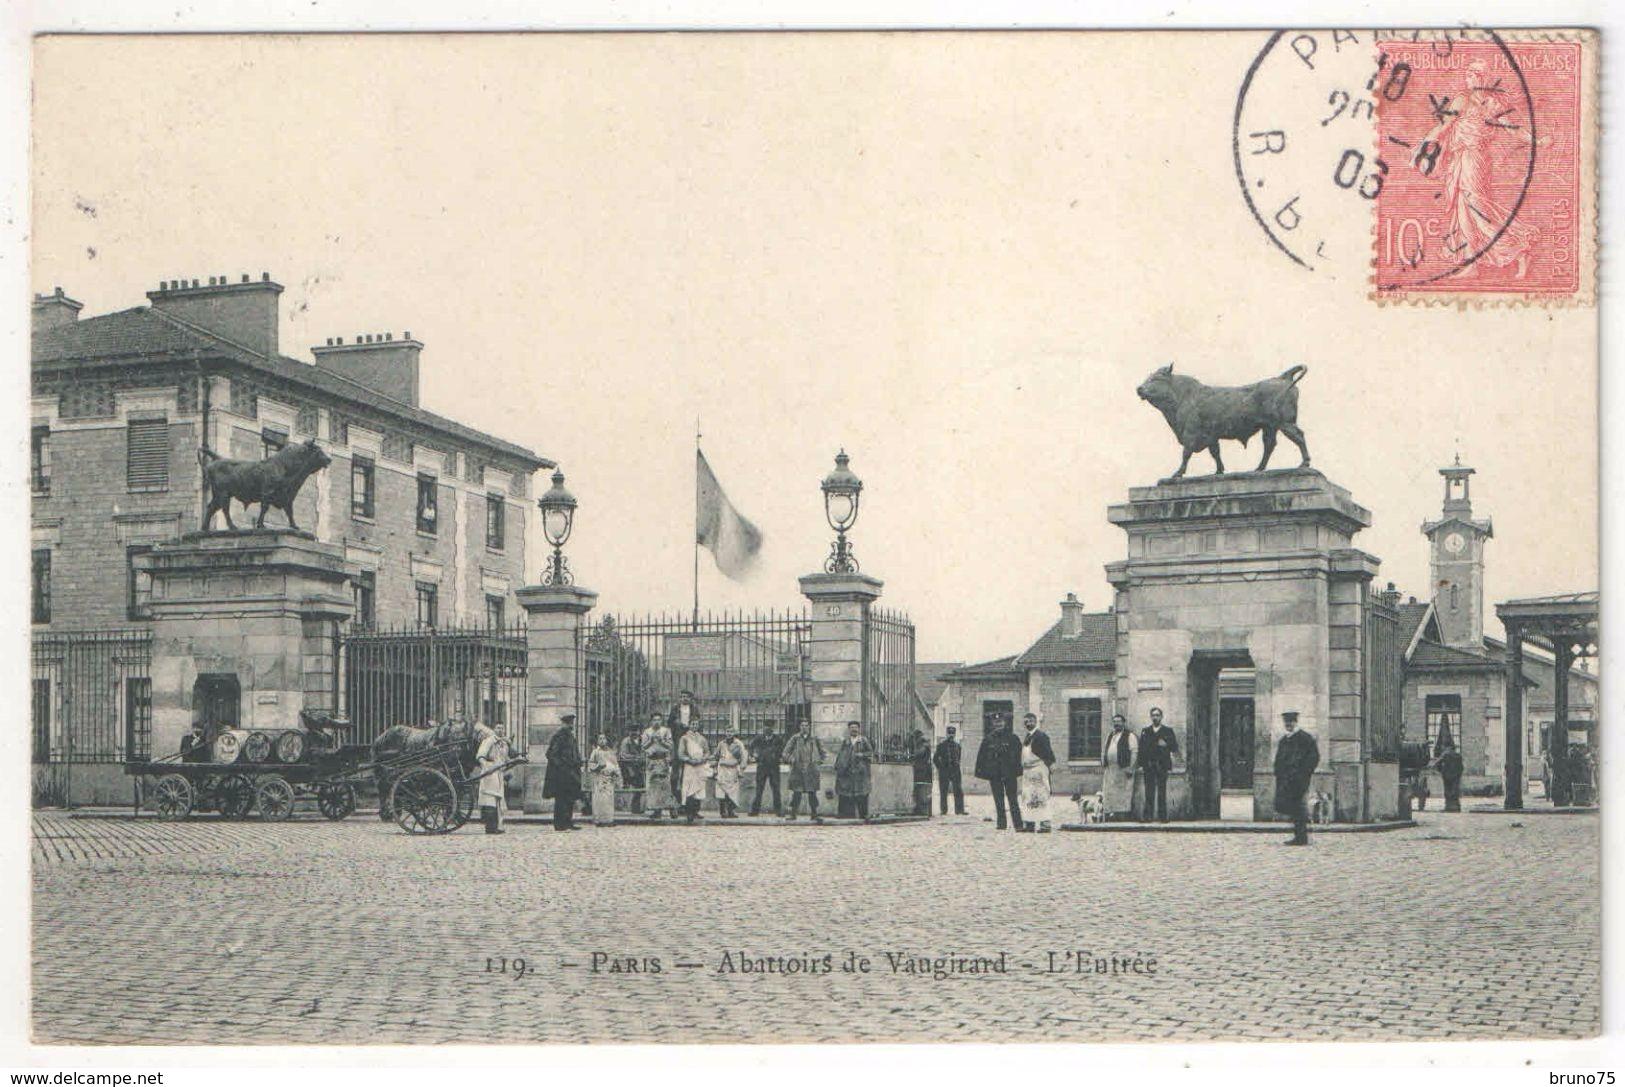 75 - PARIS 15 - Abattoirs De Vaugirard - L'Entrée (Rue Des Morillons) - Marmuse 119 - Paris (15)